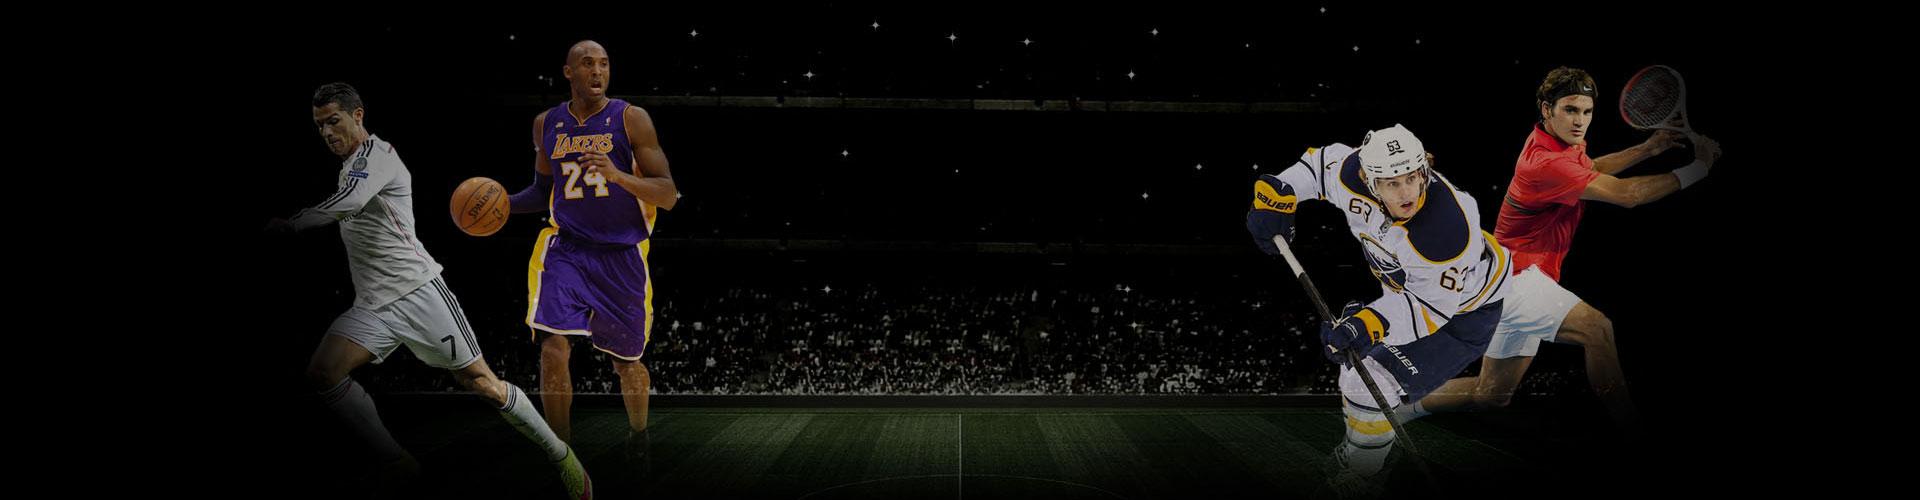 READYtoBET Wettsteuer – Müssen die Spieler beim Wettanbieter READYtoBET die Wettsteuer zahlen?